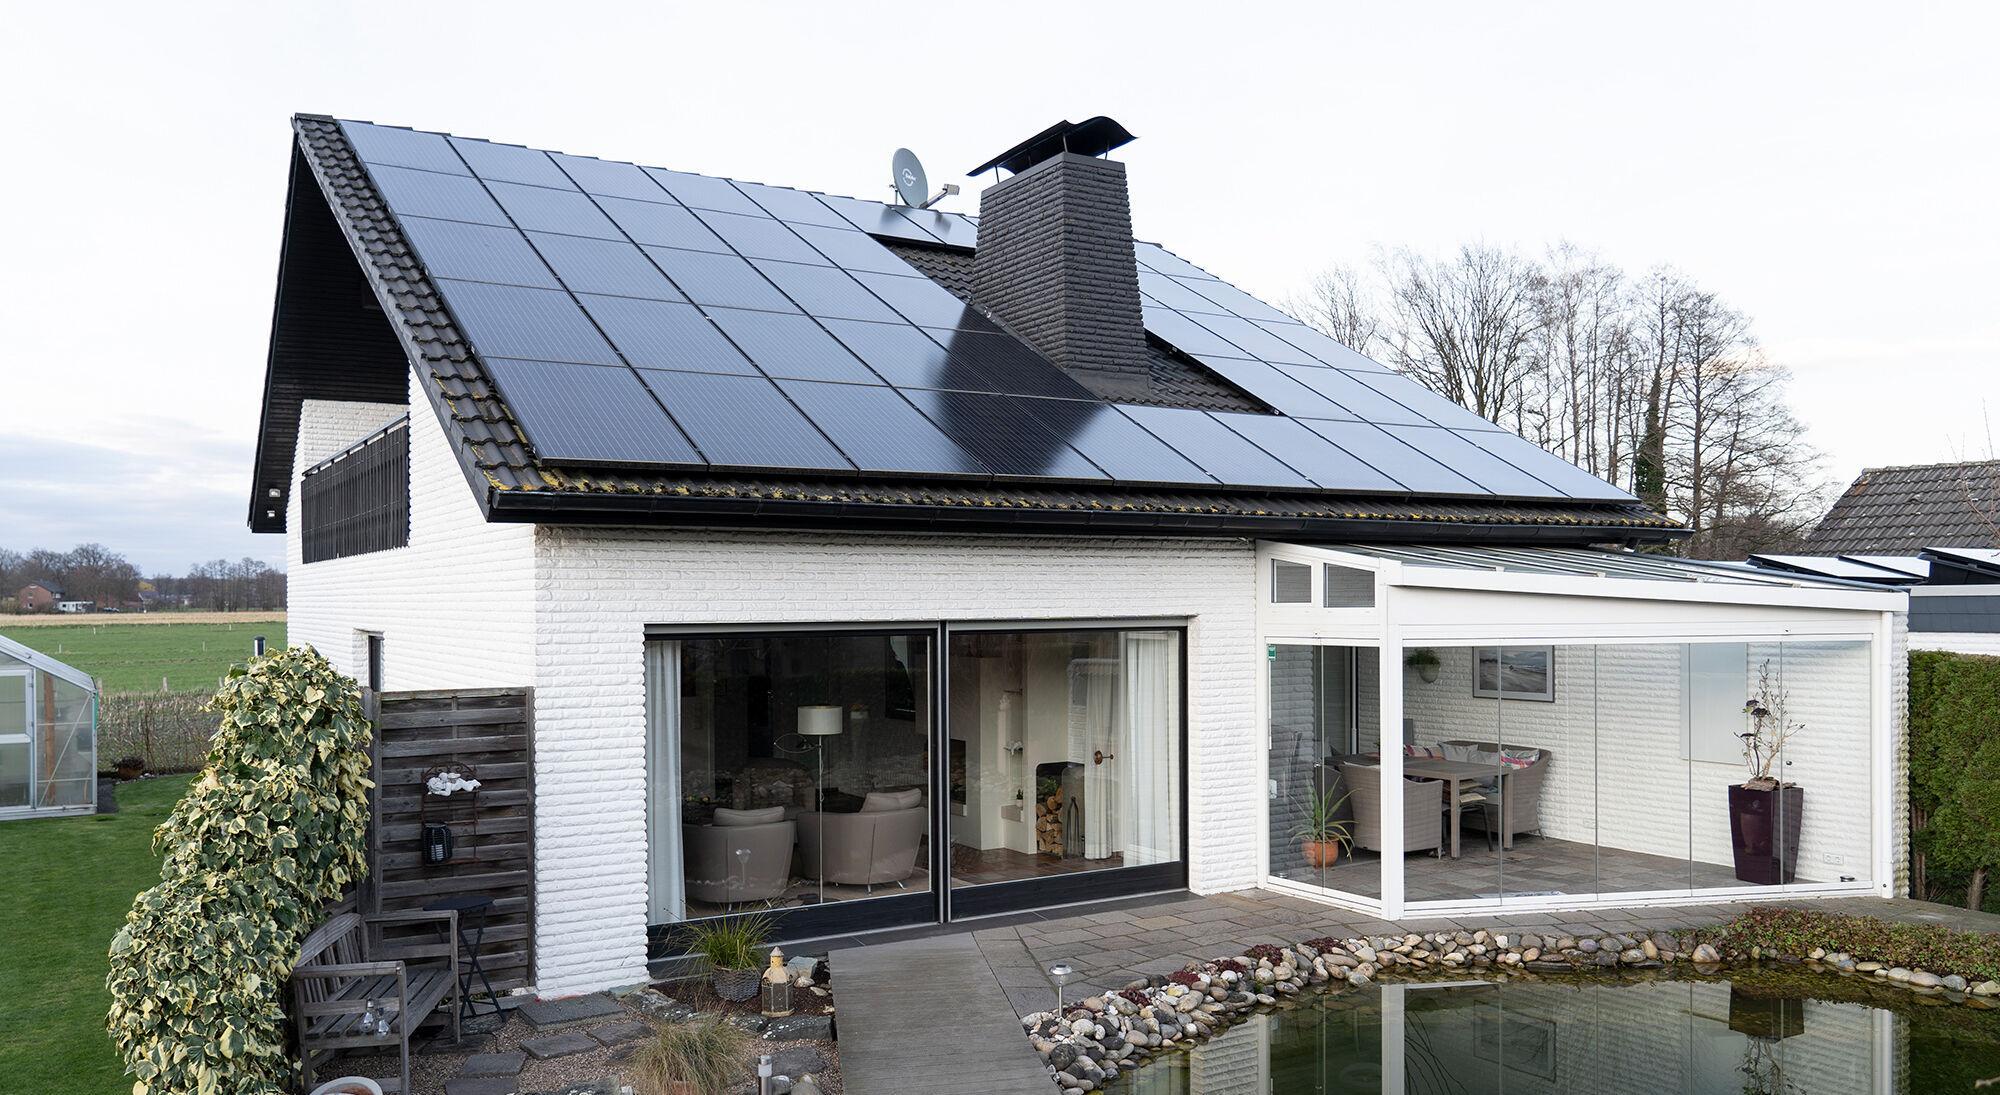 Wärmewellenheizung Verbrauch & Heizkosten im Einfamilienhaus mit Photovoltaikanlage